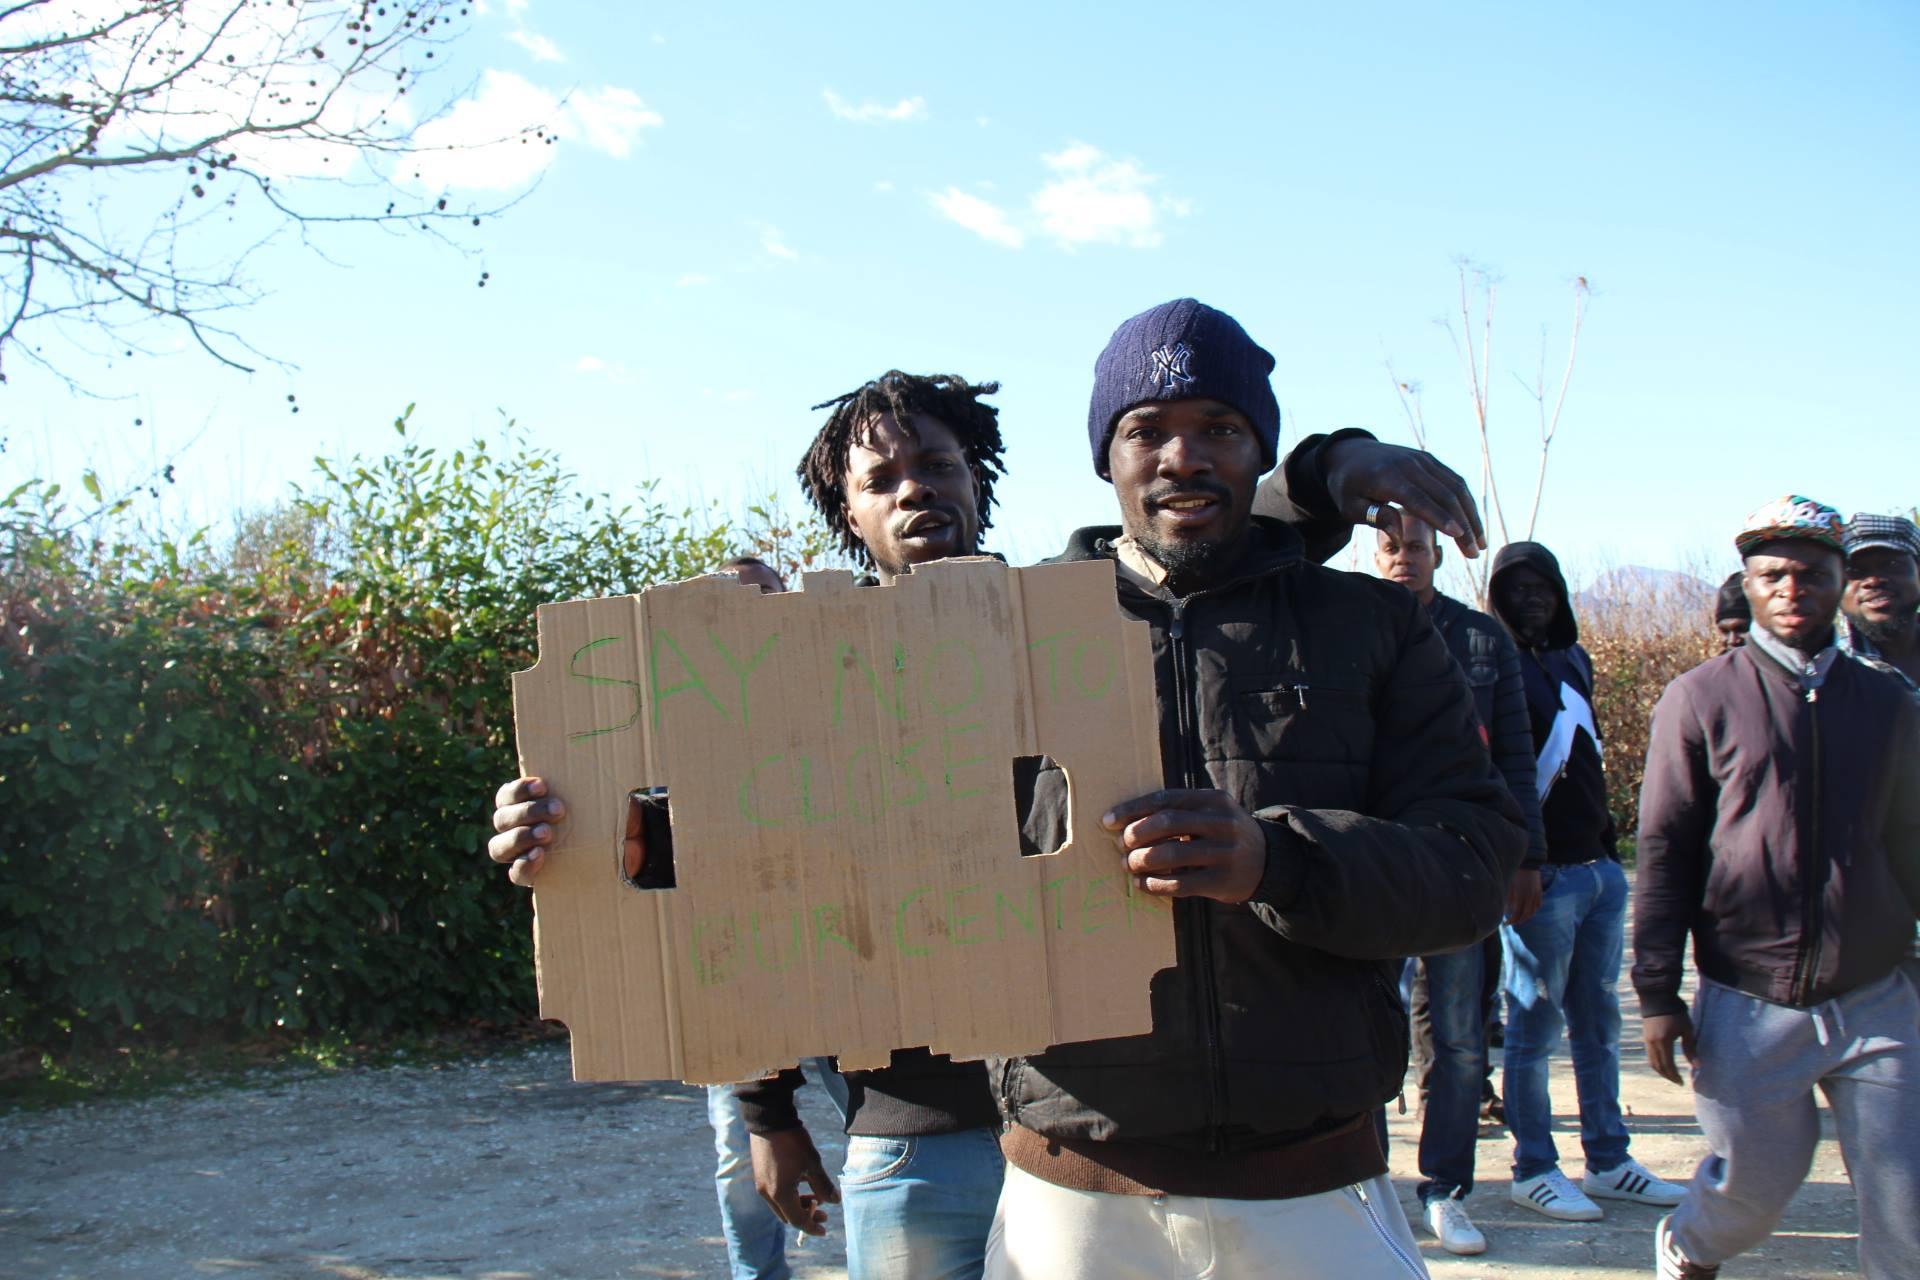 Benevento| Business migranti: chiesti 37 rinvii a giudizio